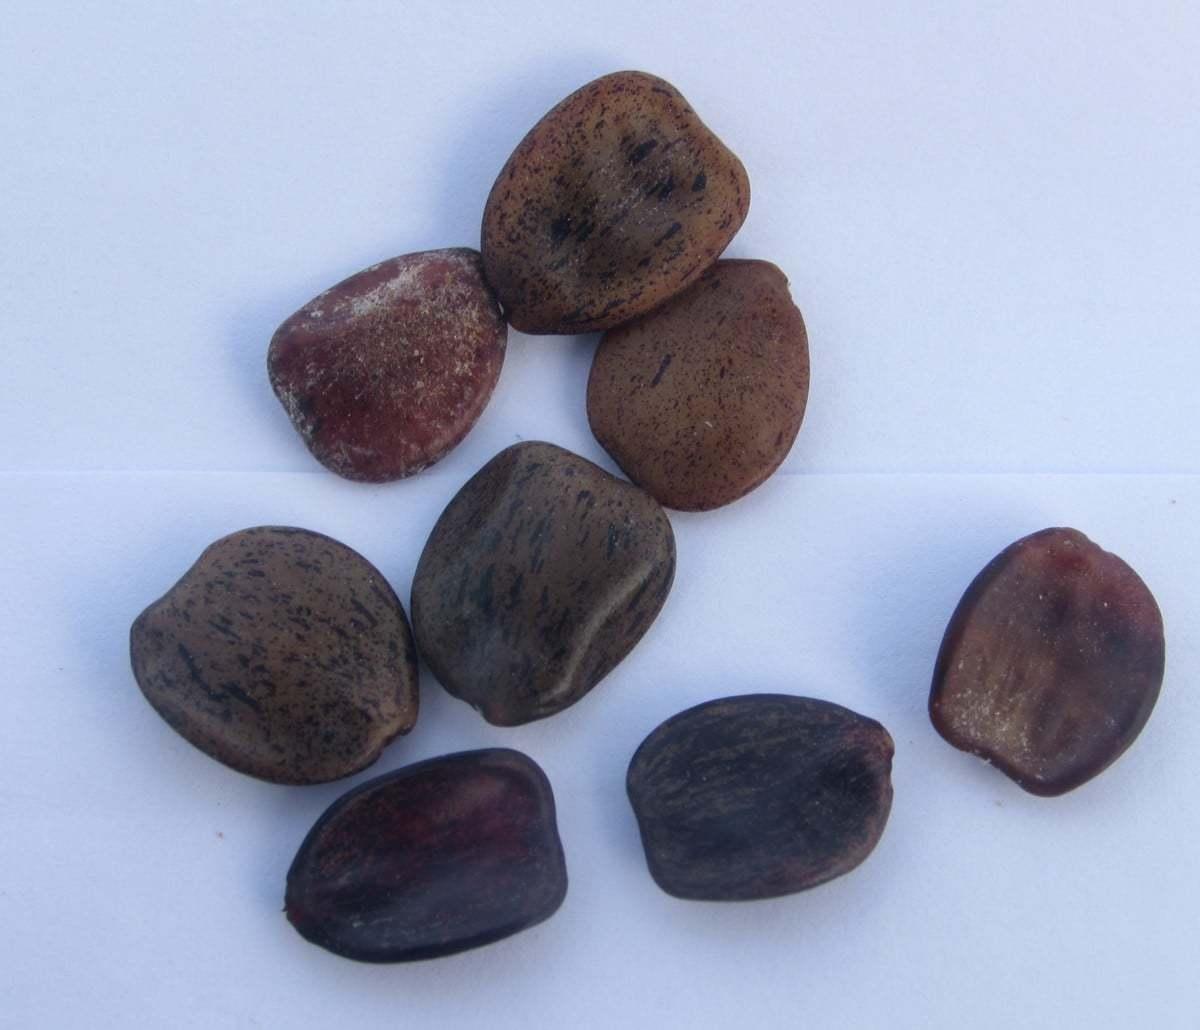 Caesalpinia gilliesii seeds